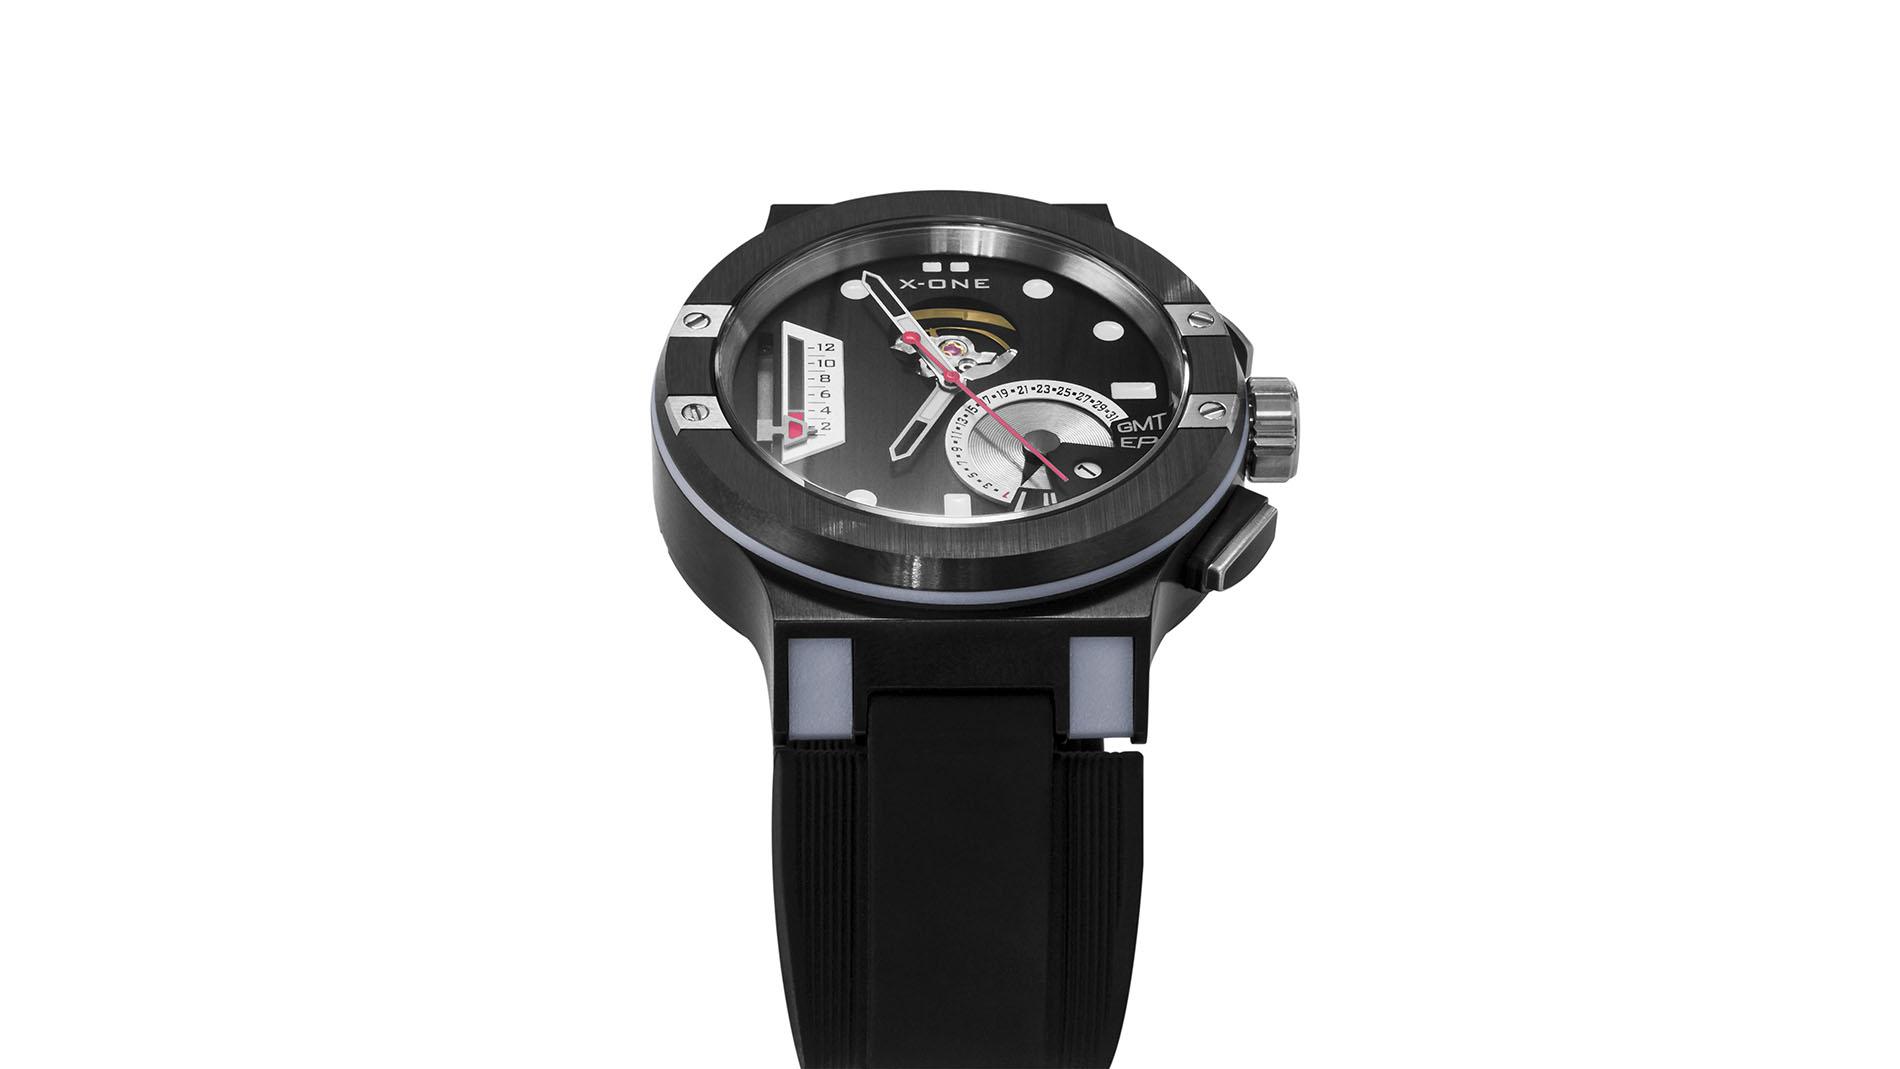 X-ONE - Photographie d'horlogerie - B12communication, communication et graphisme